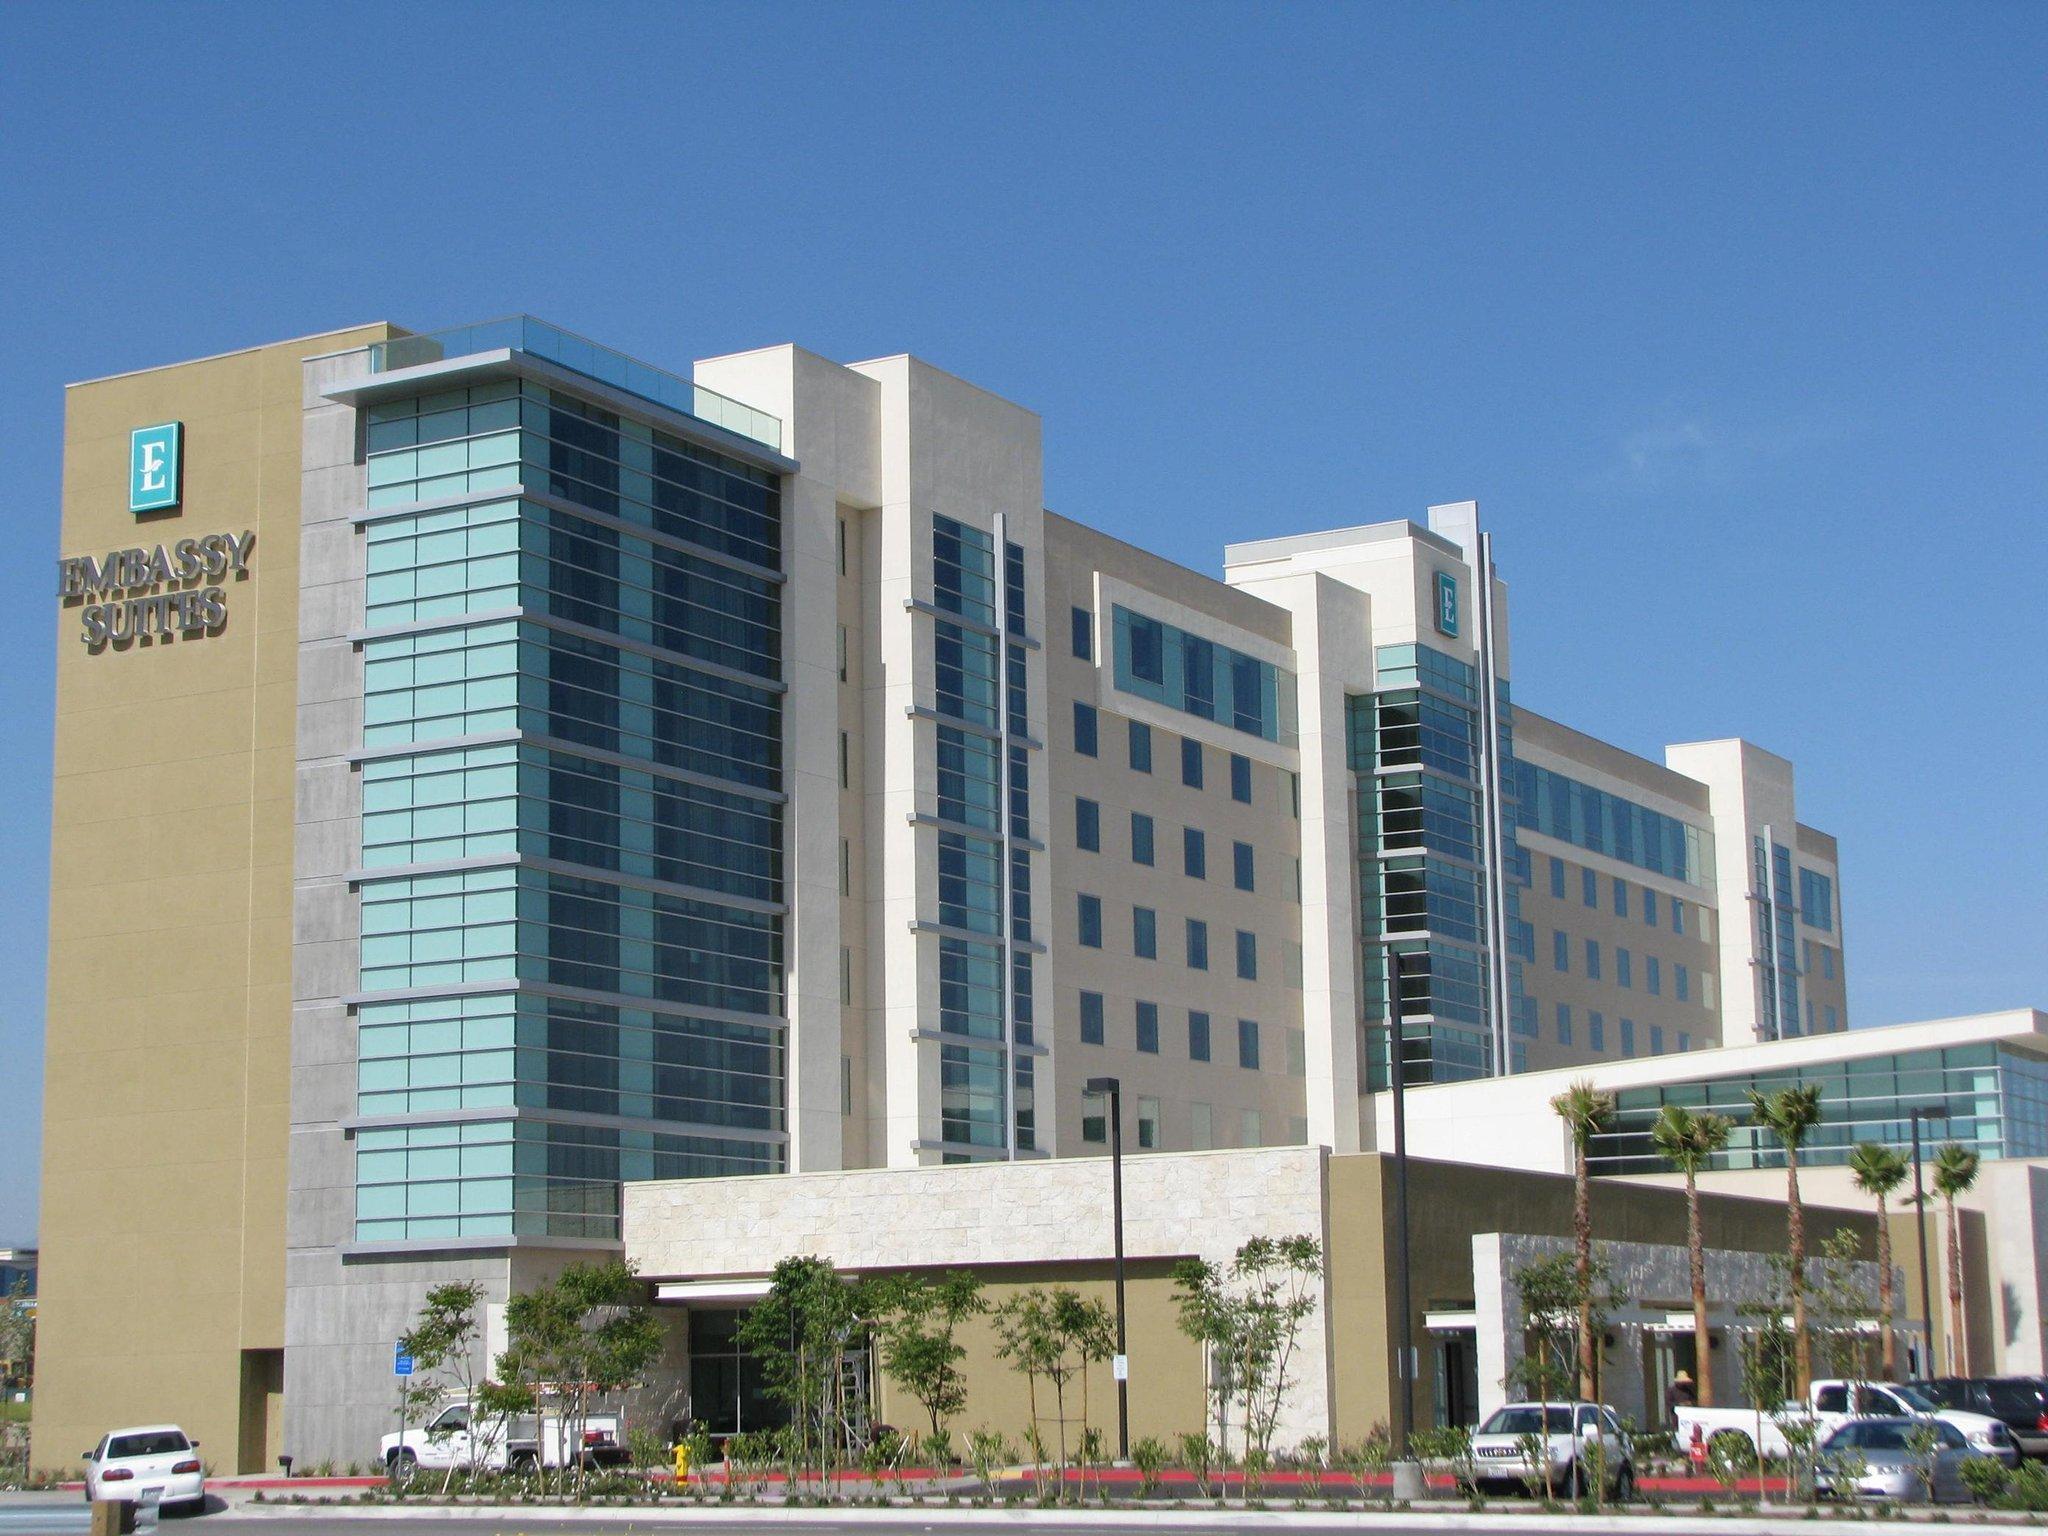 Embassy Suites Ontario Airport Hotel